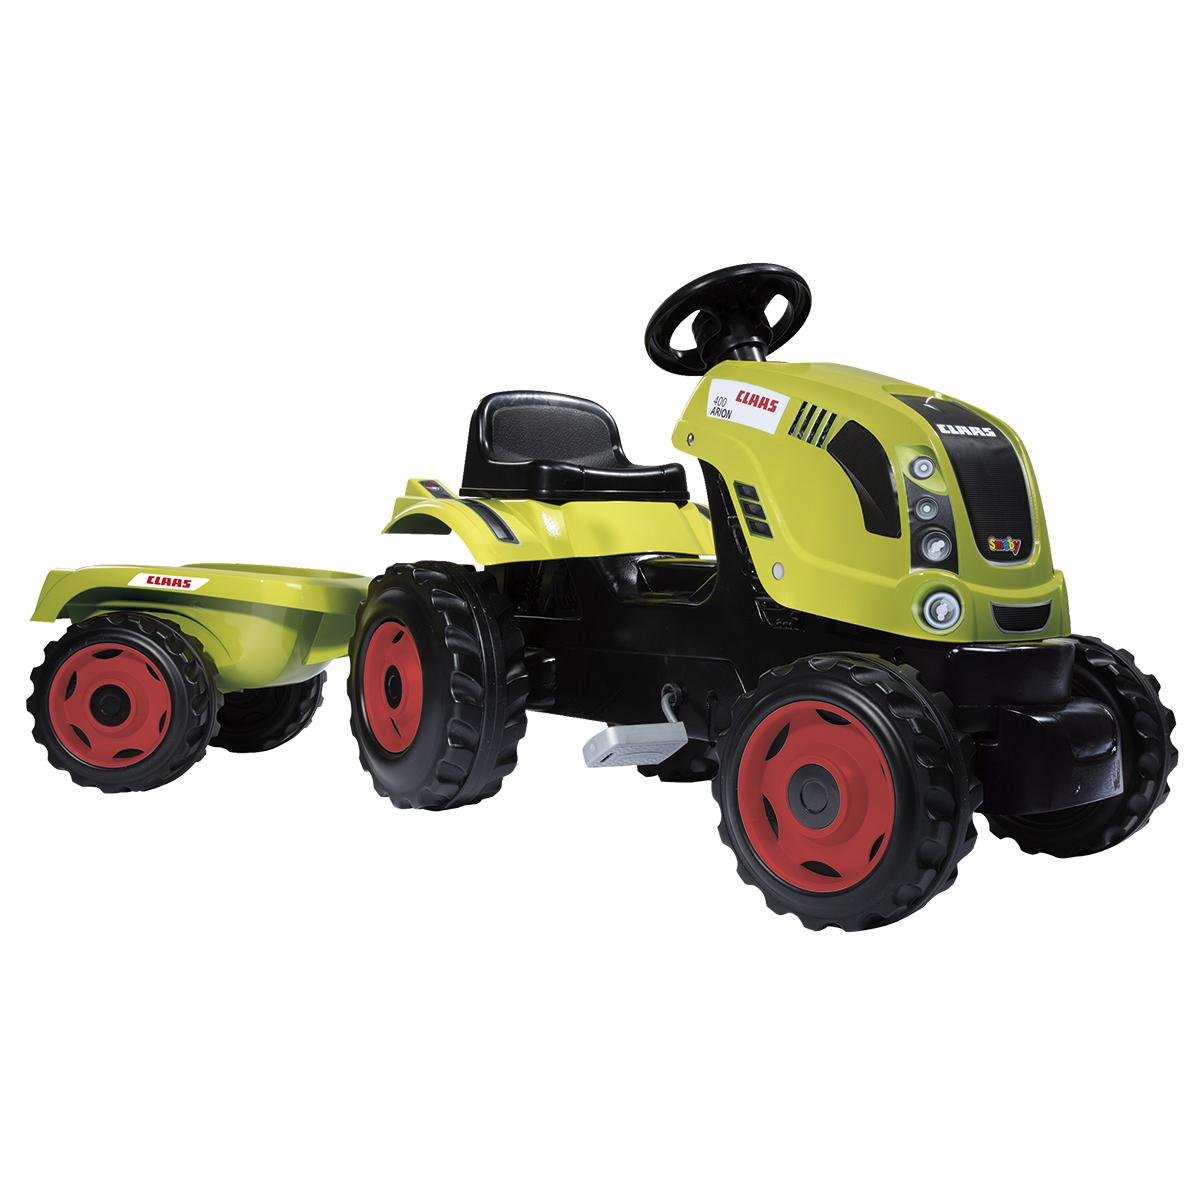 Billede af Smoby Claas traktor med anhænger